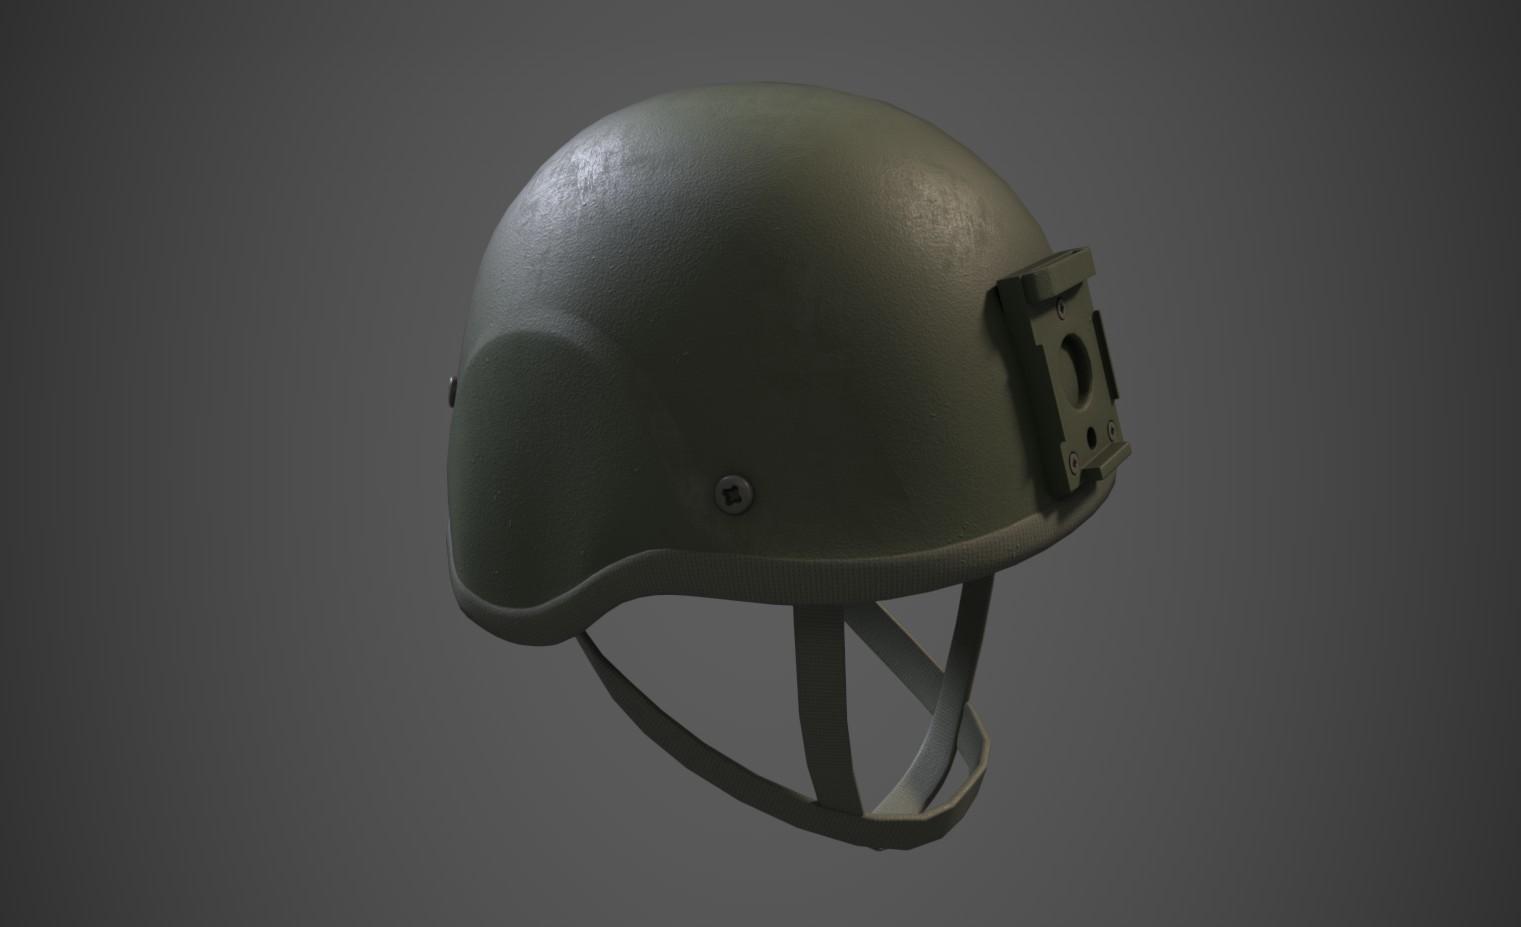 ArtStation - Helmet 6B47